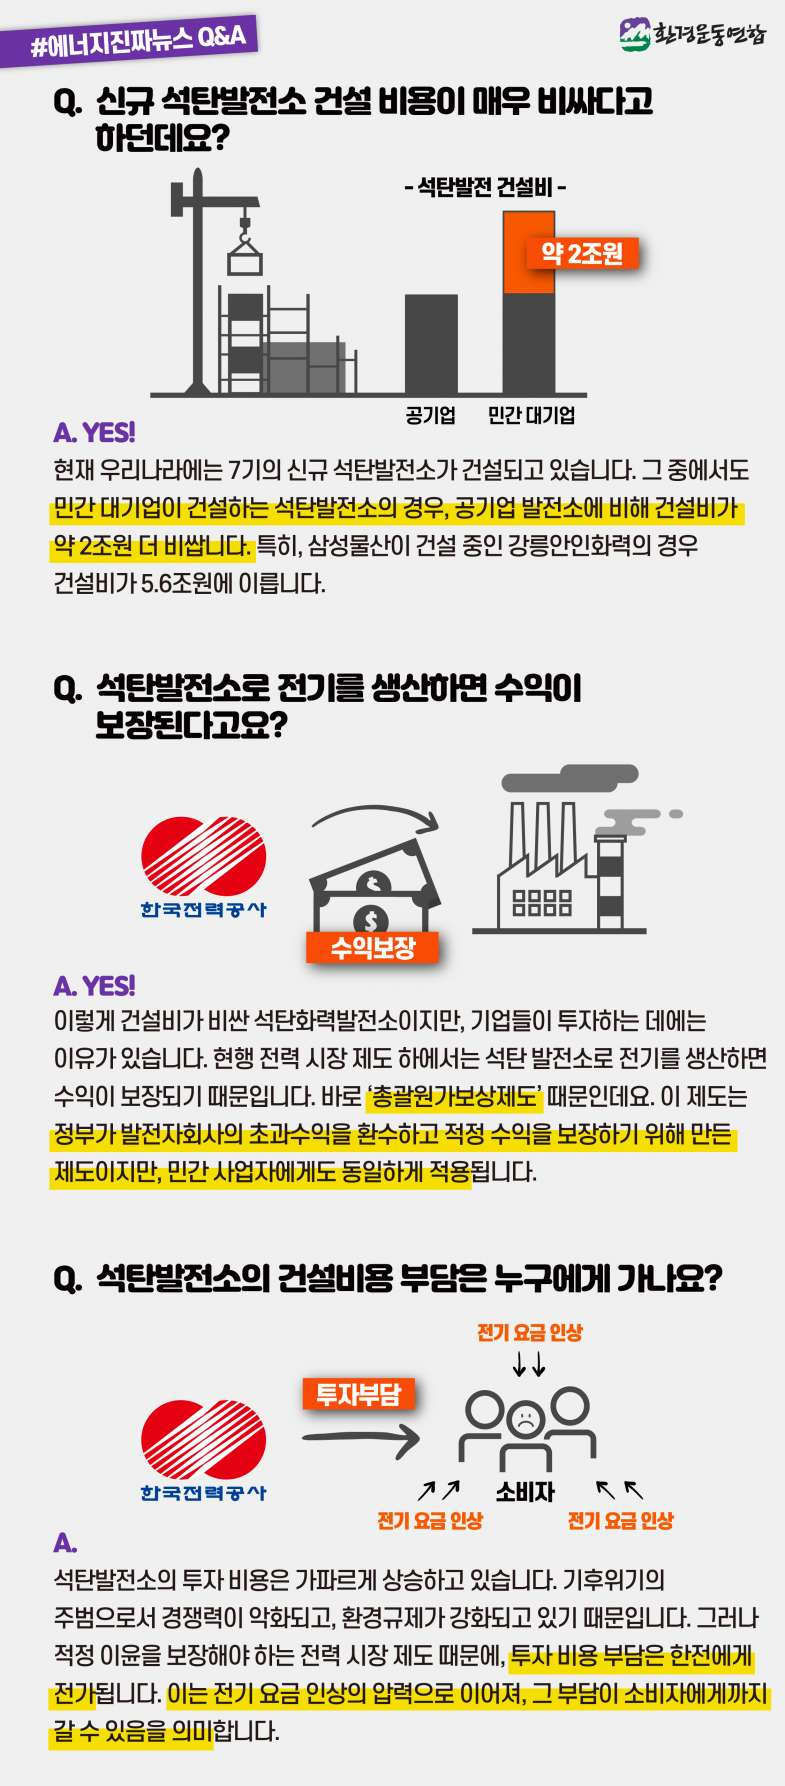 [에너지진짜뉴스 Q&A] 석탄발전소로 전기를 생산하면 수익이 보장된다고요 (6).jpg